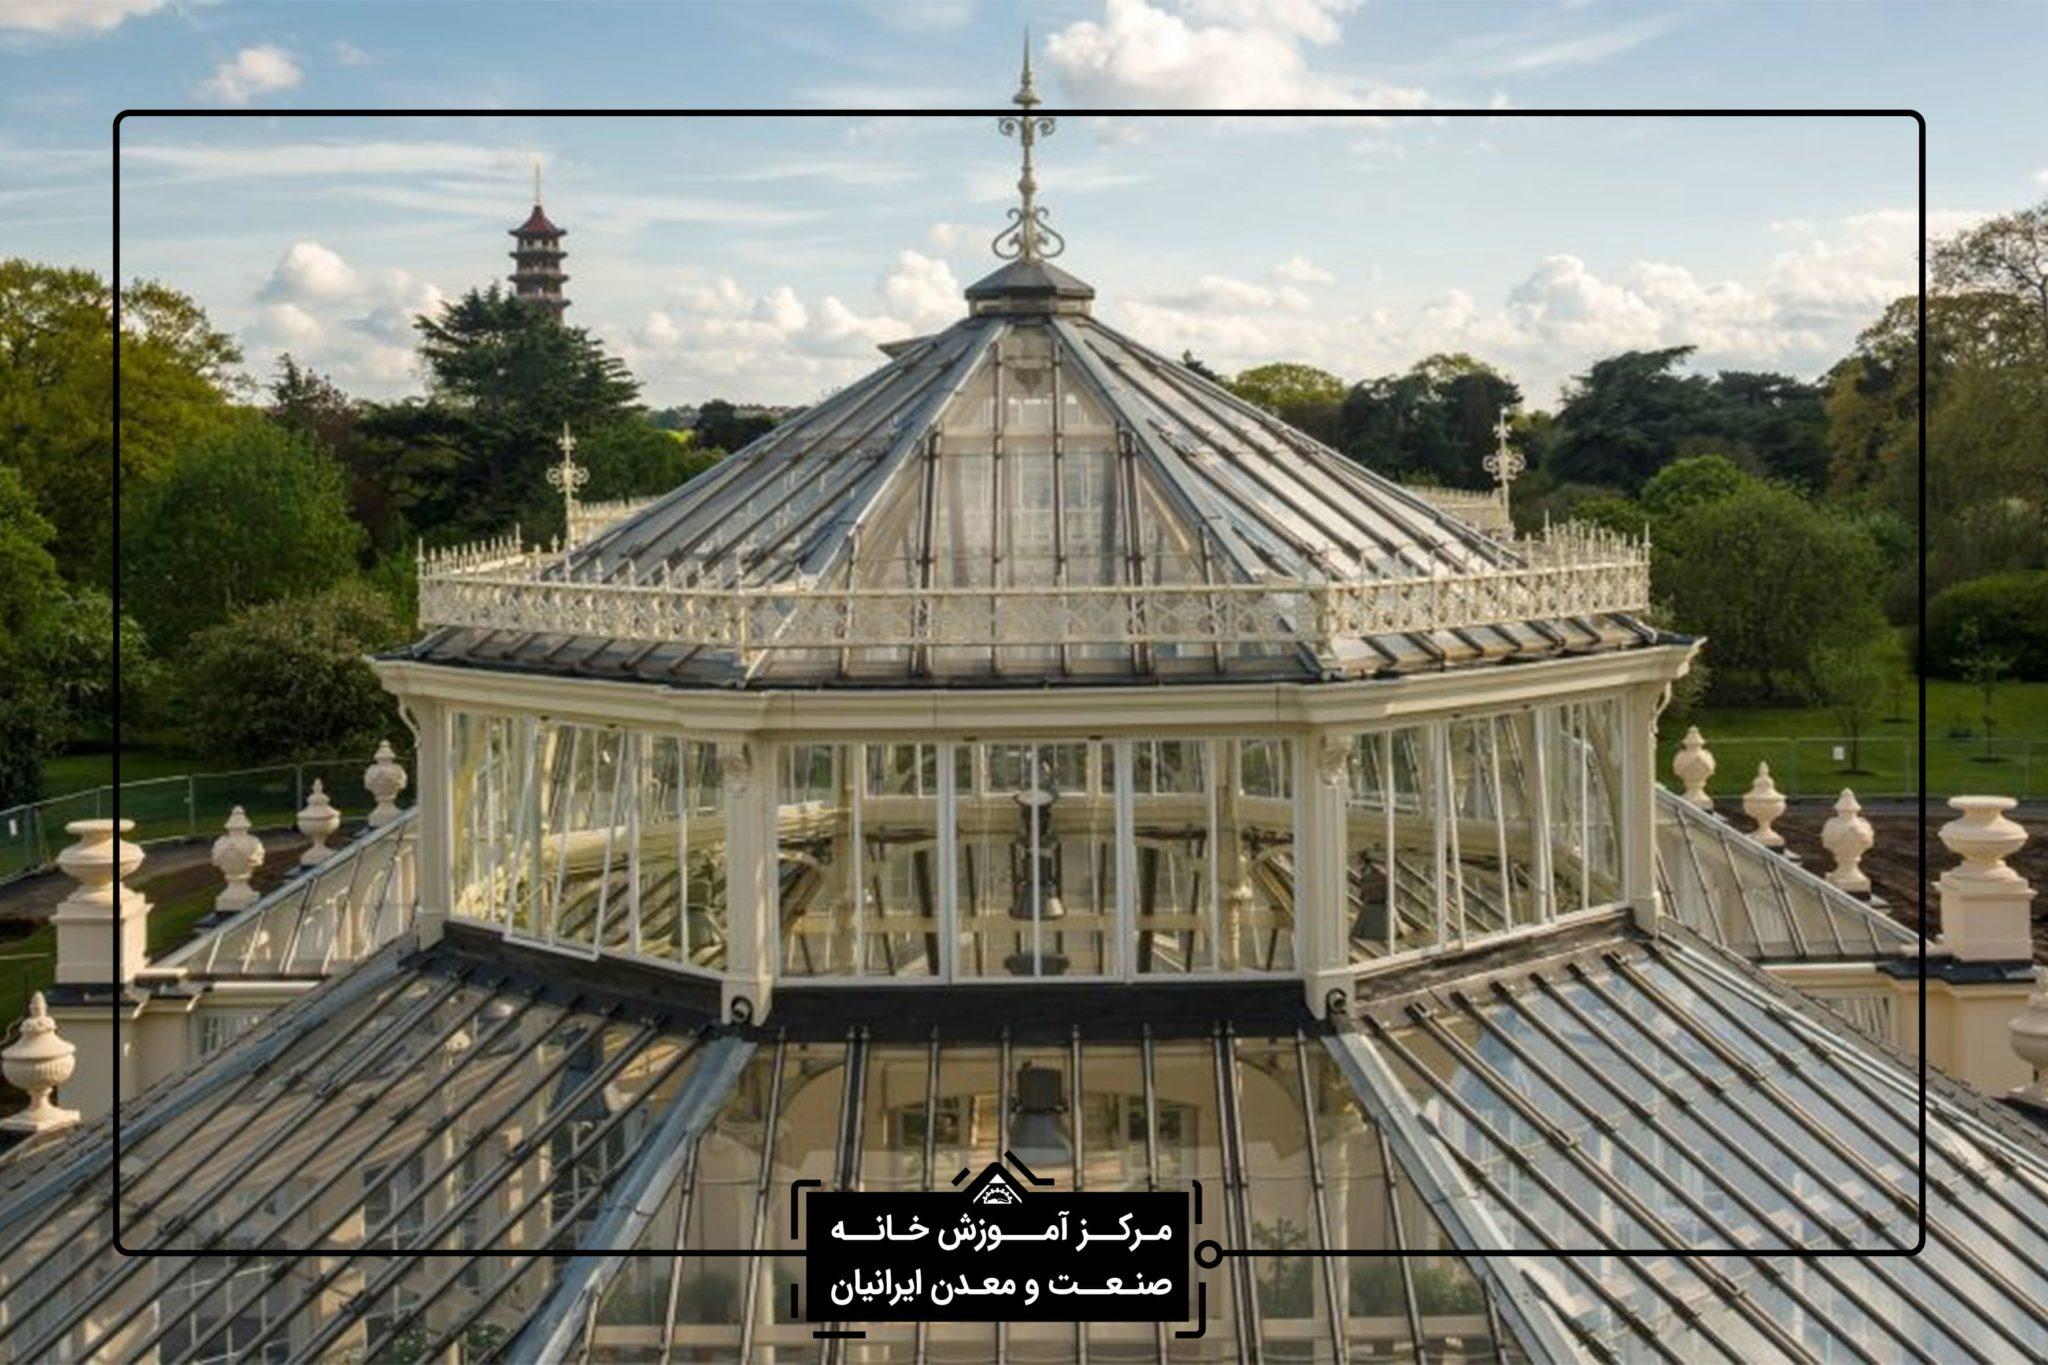 نرم افزار معماری در شیراز - دوره های دکوراسیون داخلی با مدرک بین المللی در شیراز